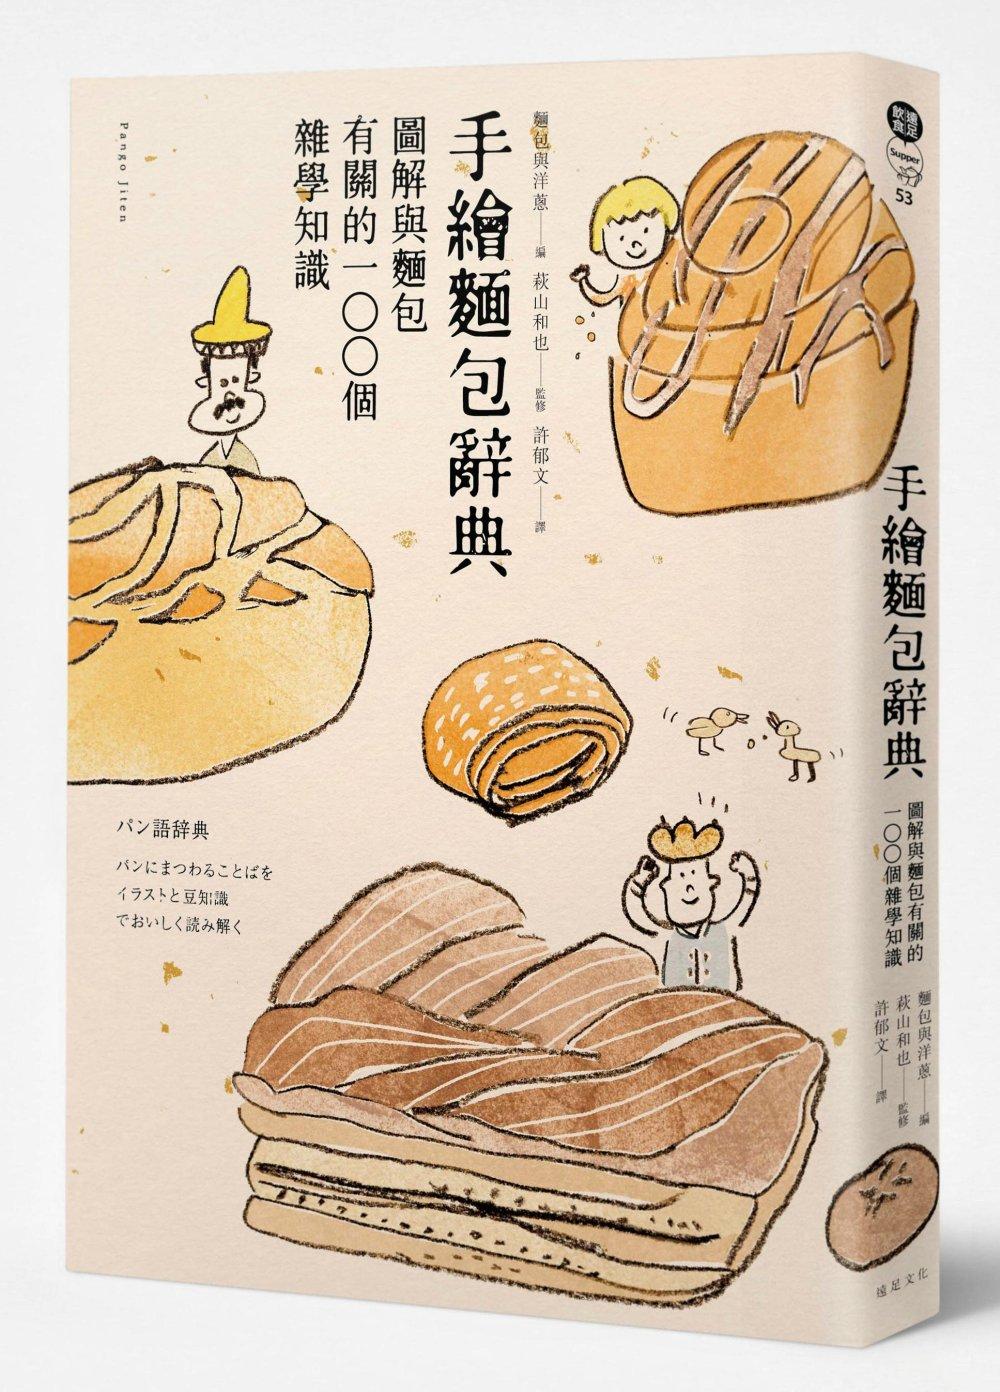 手繪麵包辭典:圖解與麵包有關100個的雜學知識